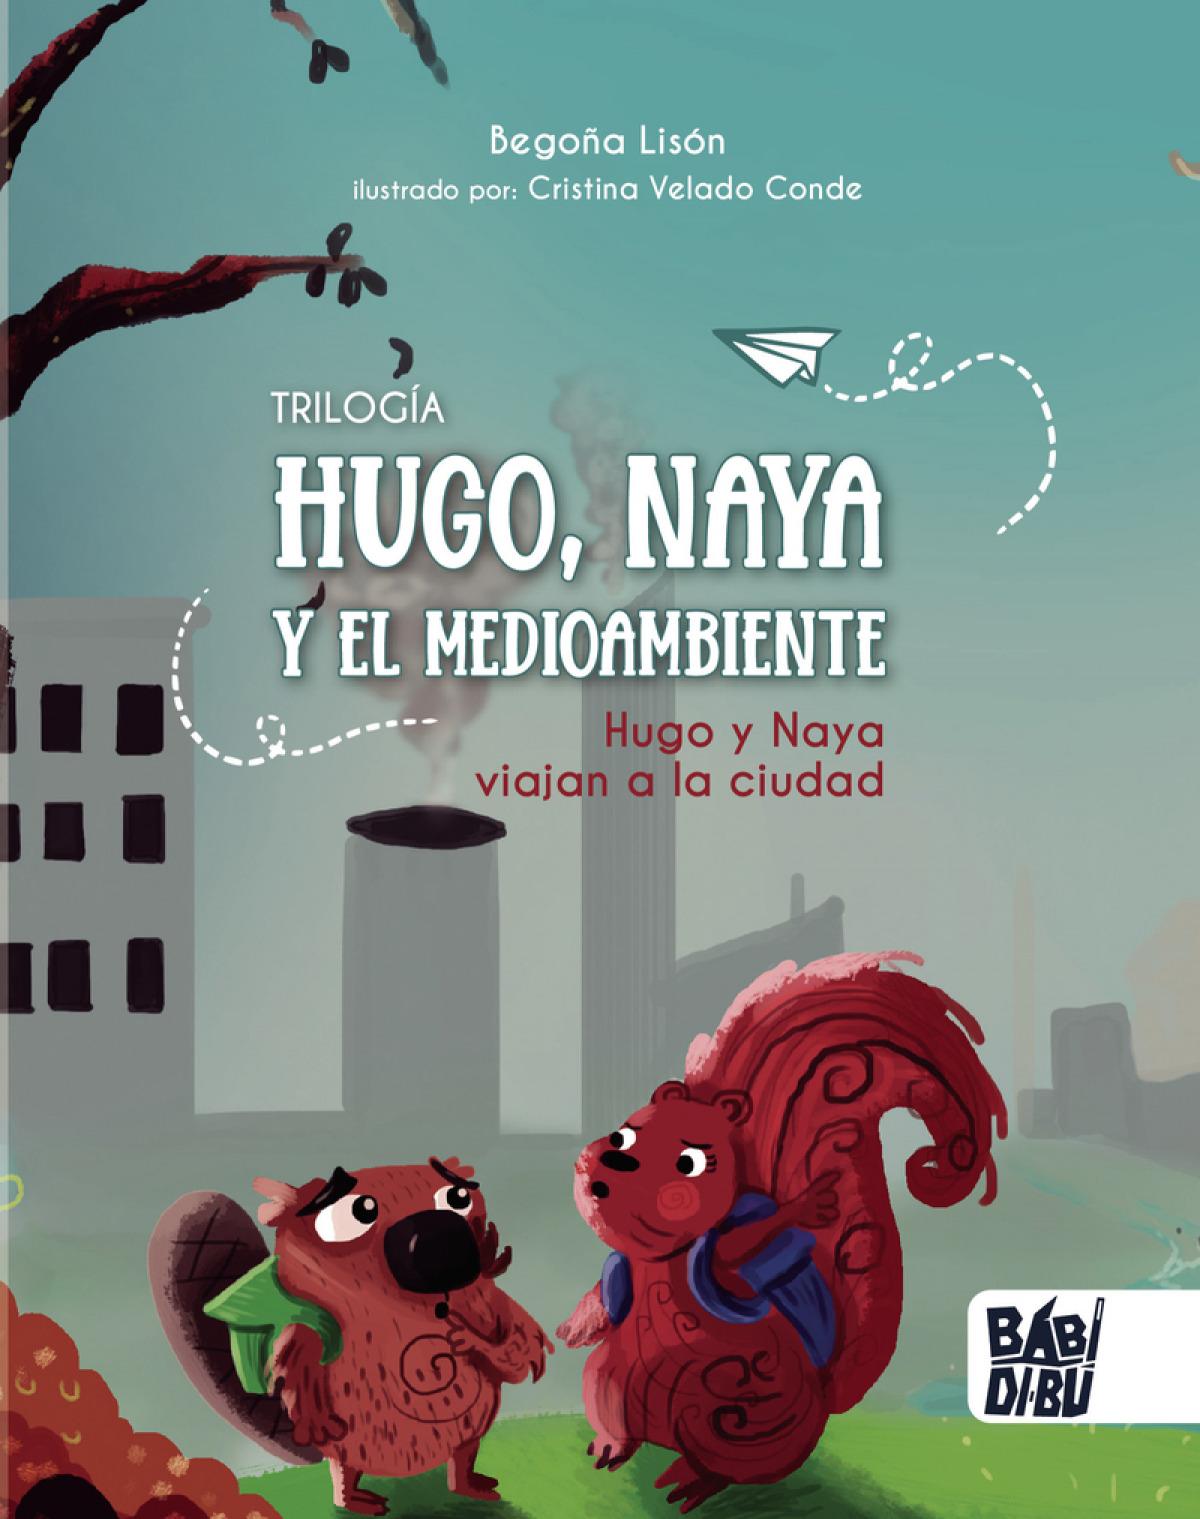 Hugo y Naya viajan a la ciudad